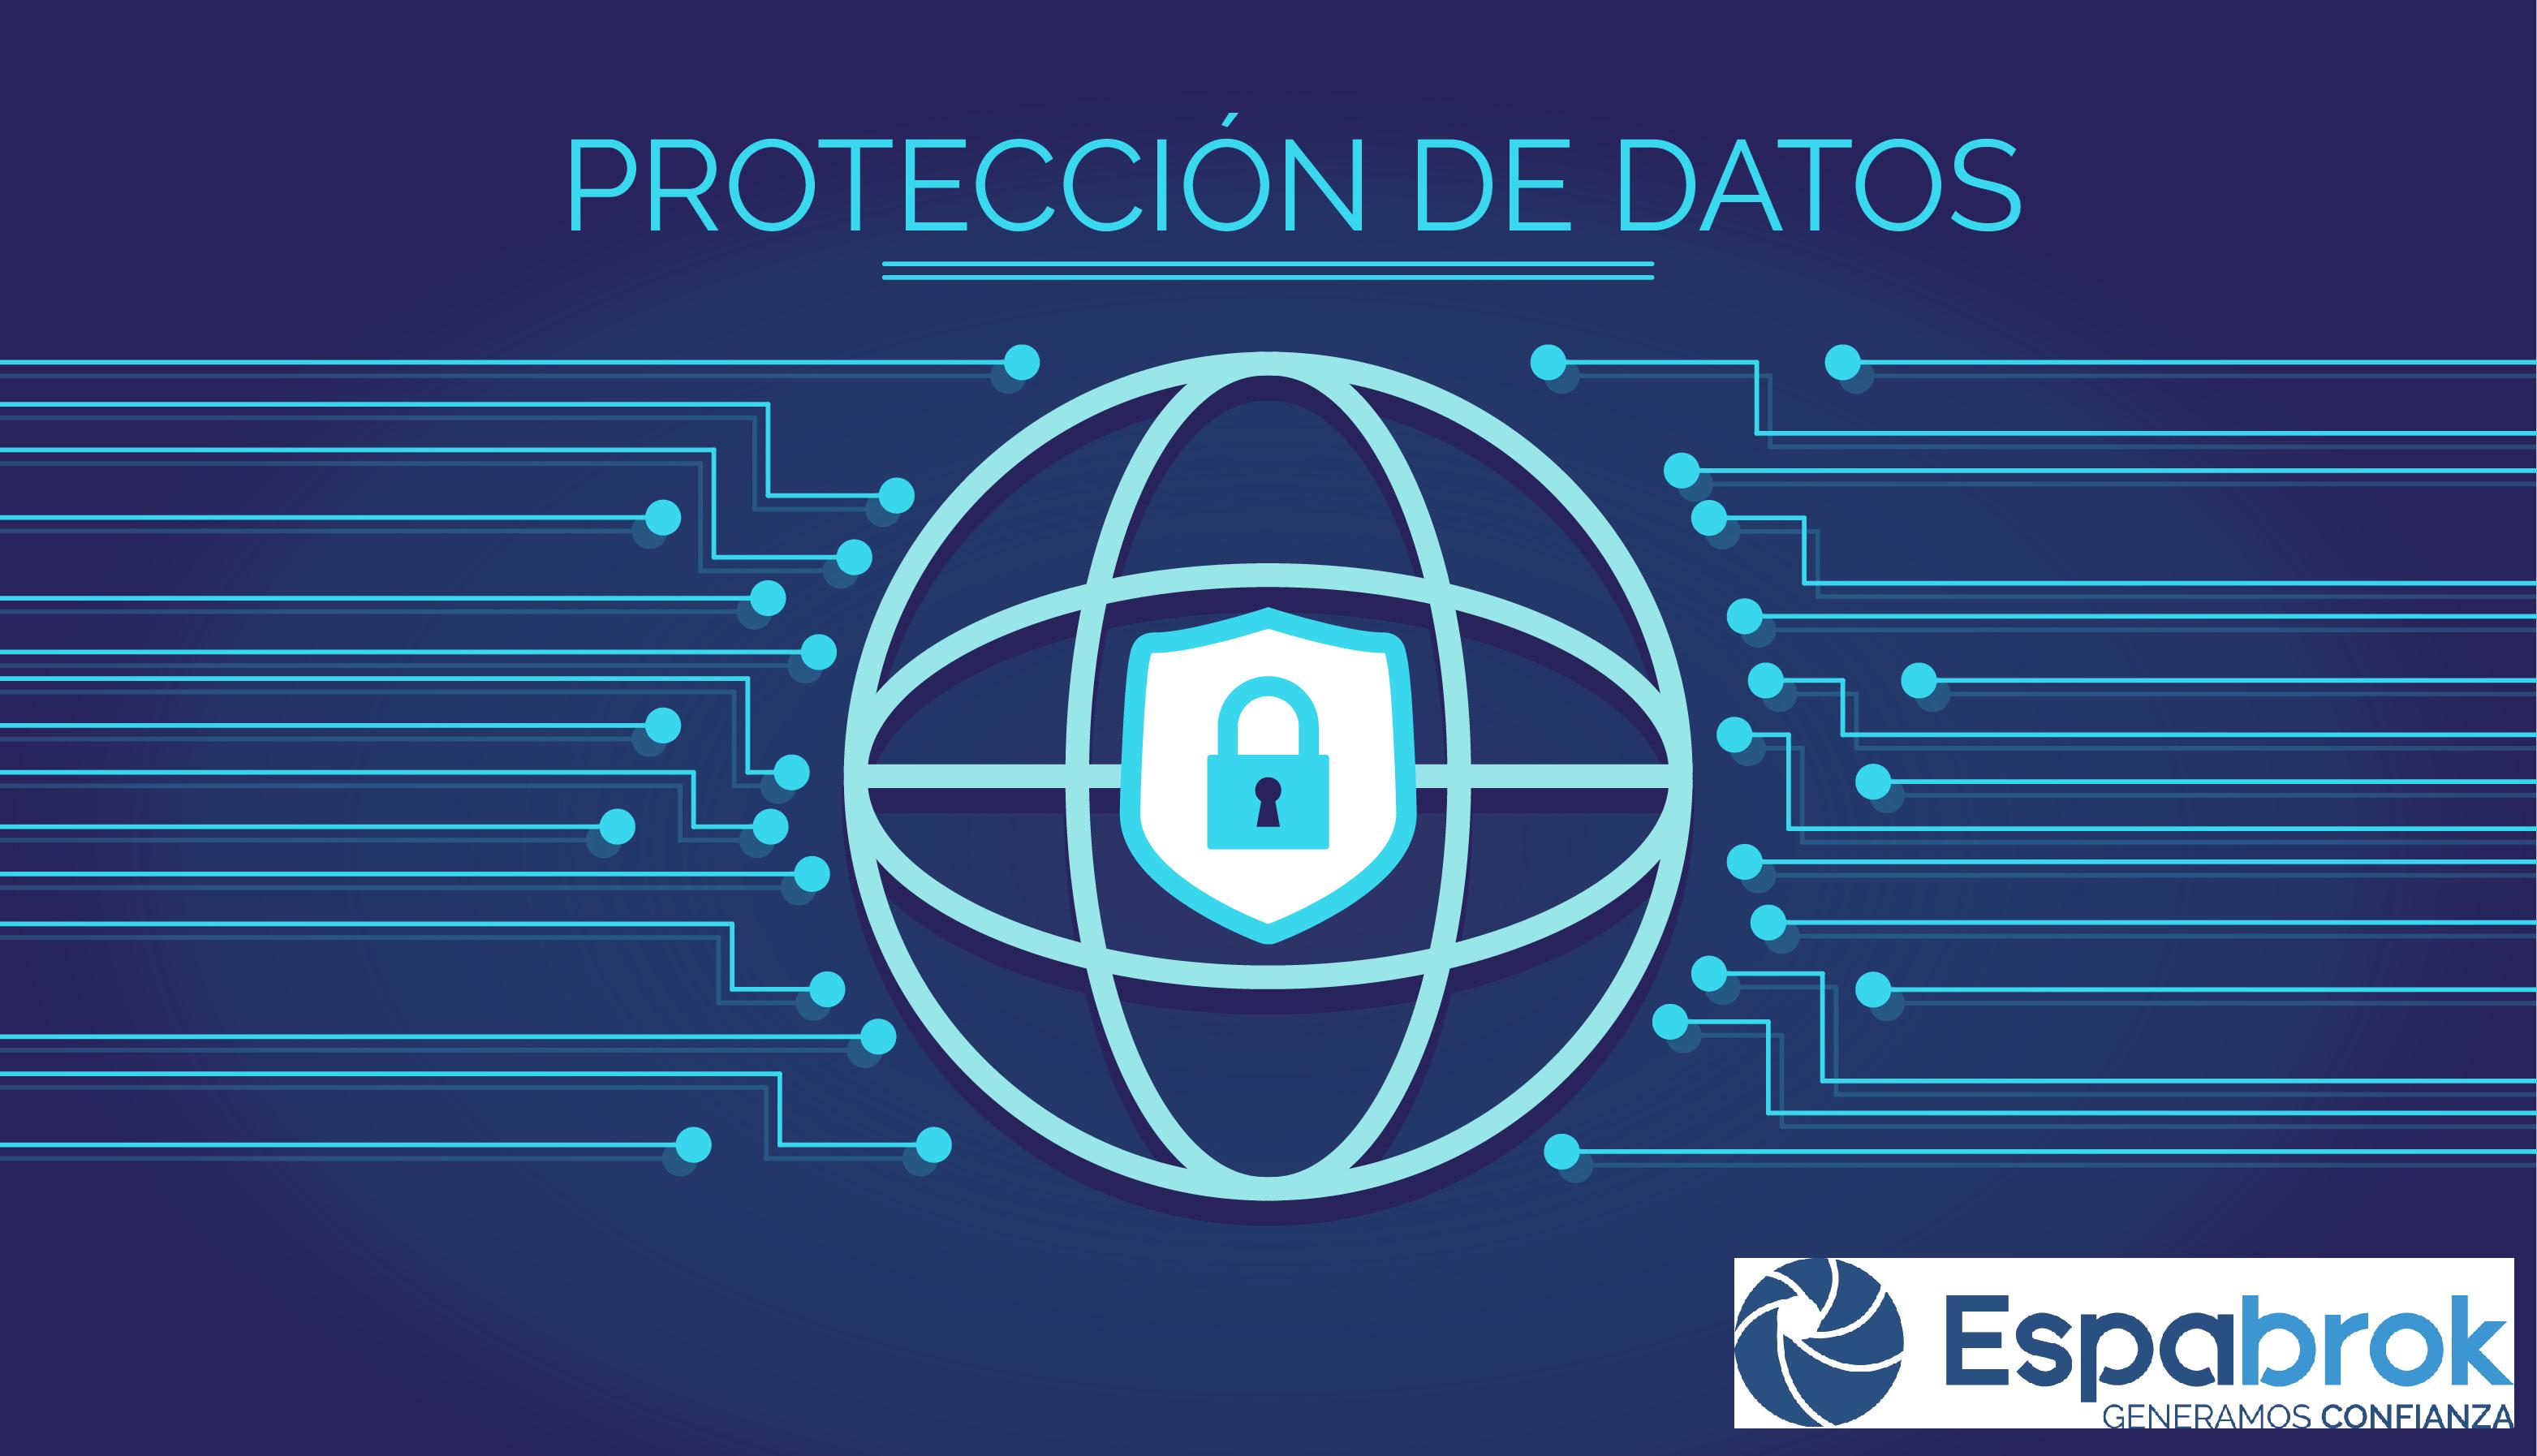 El nuevo reglamento de protección de datos incide sobre los ciberataques.